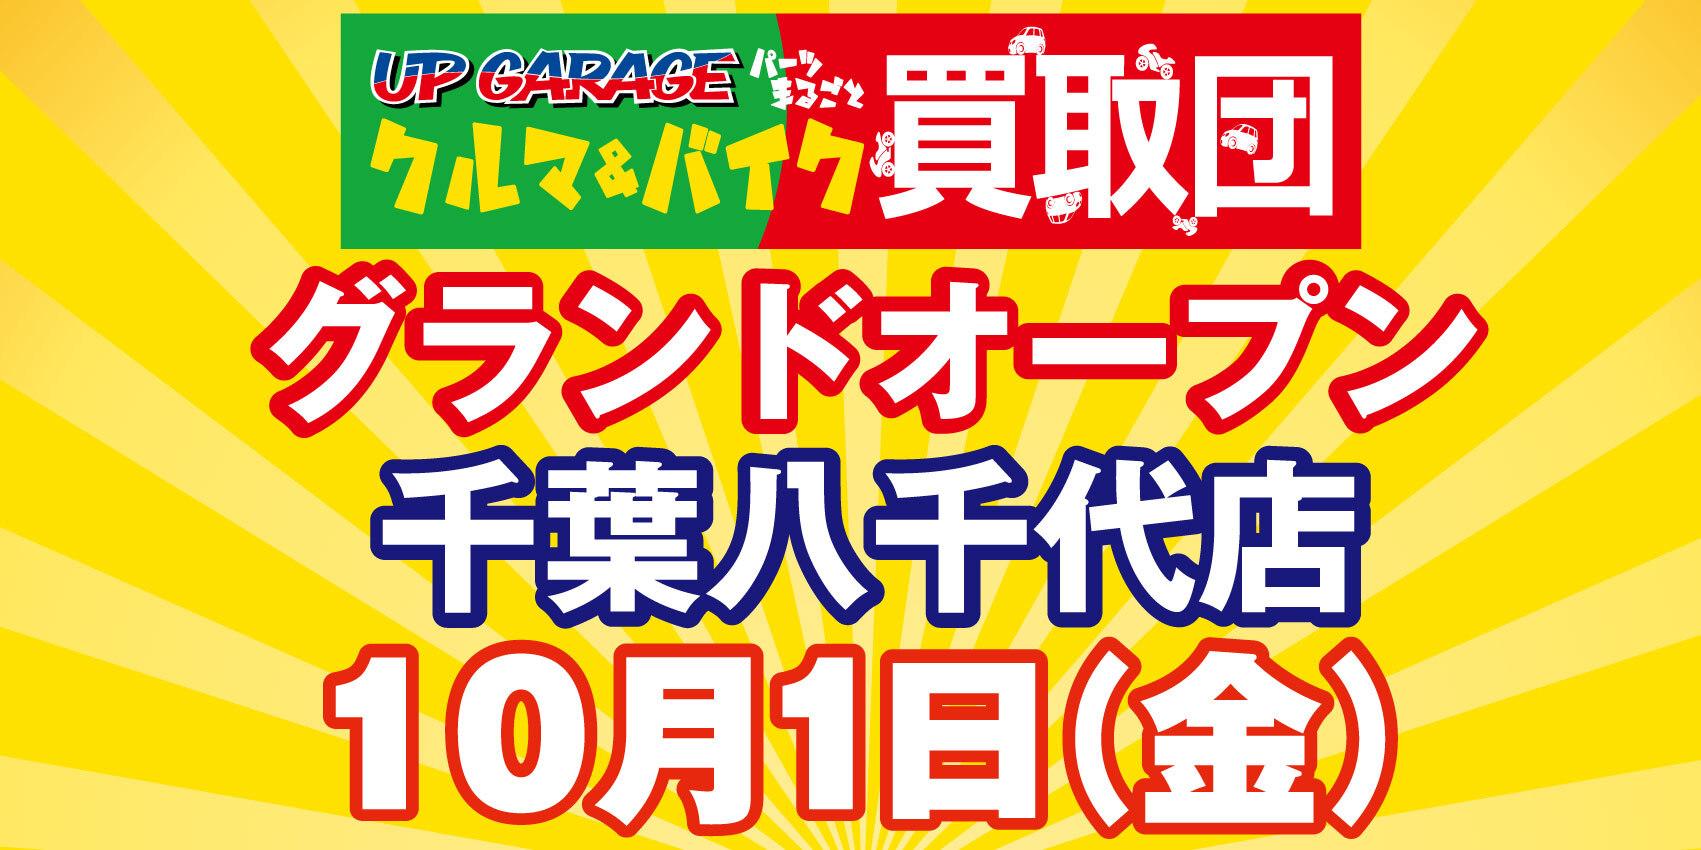 10月1日(金)まるごとクルマ&バイク買取団 千葉八千代店グランドオープン!